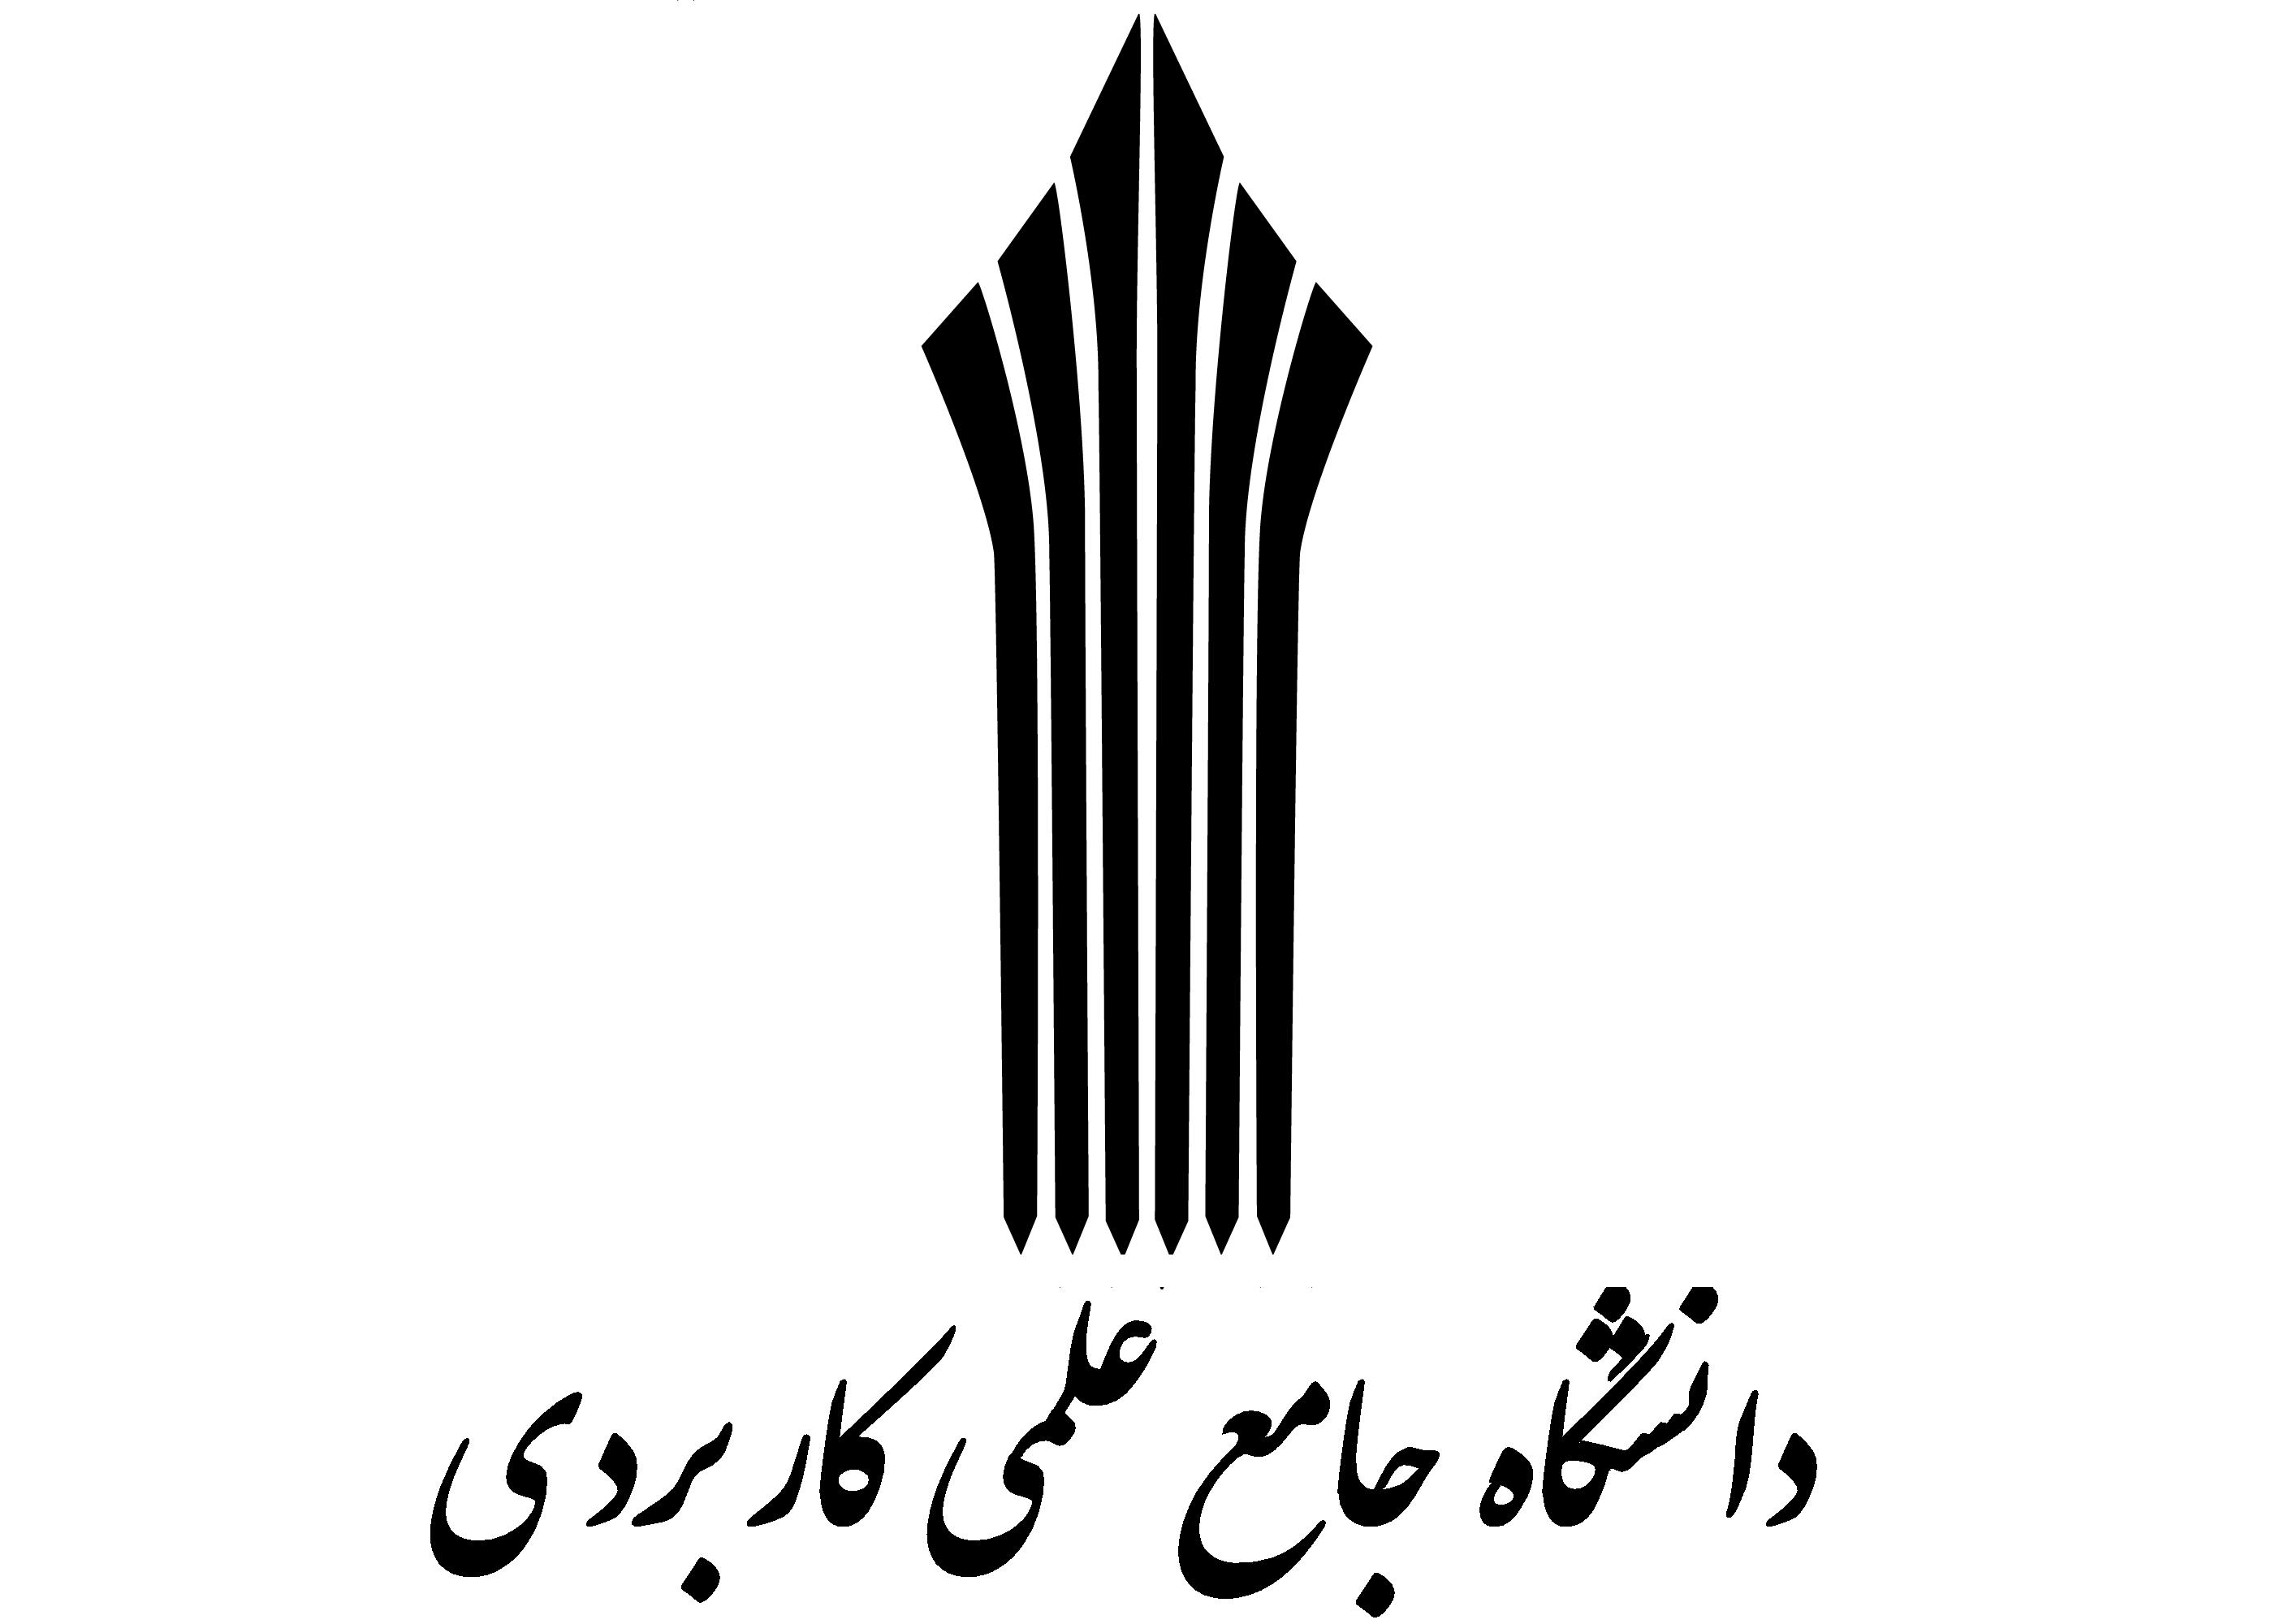 استخدام دانشگاه علمی کاربردی خوزستان سال ۹۵